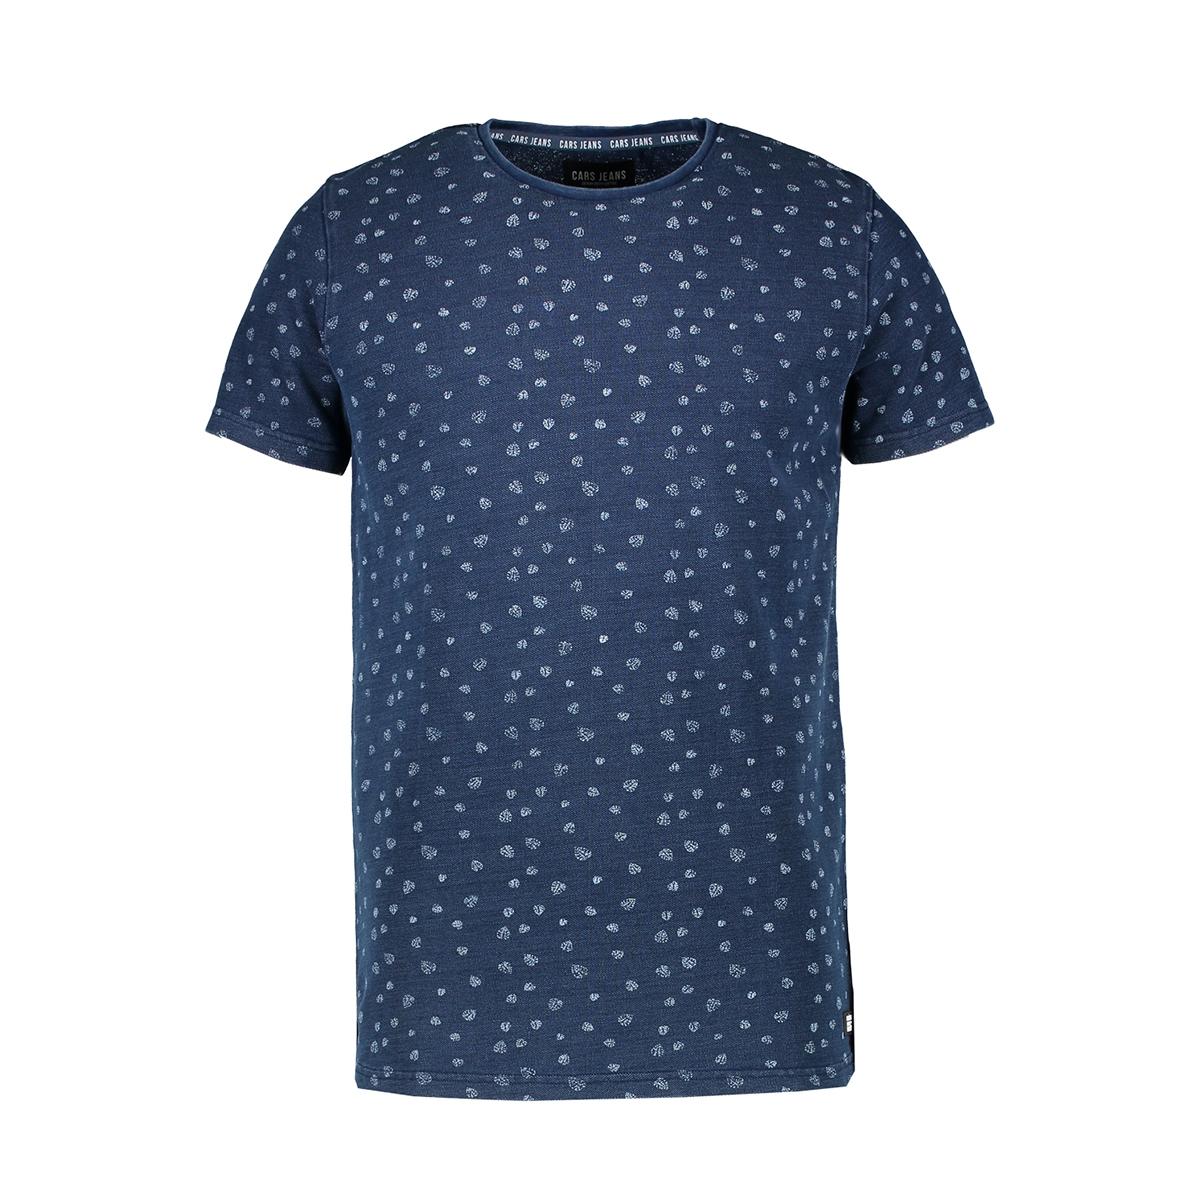 4118911 cars t-shirt indigo